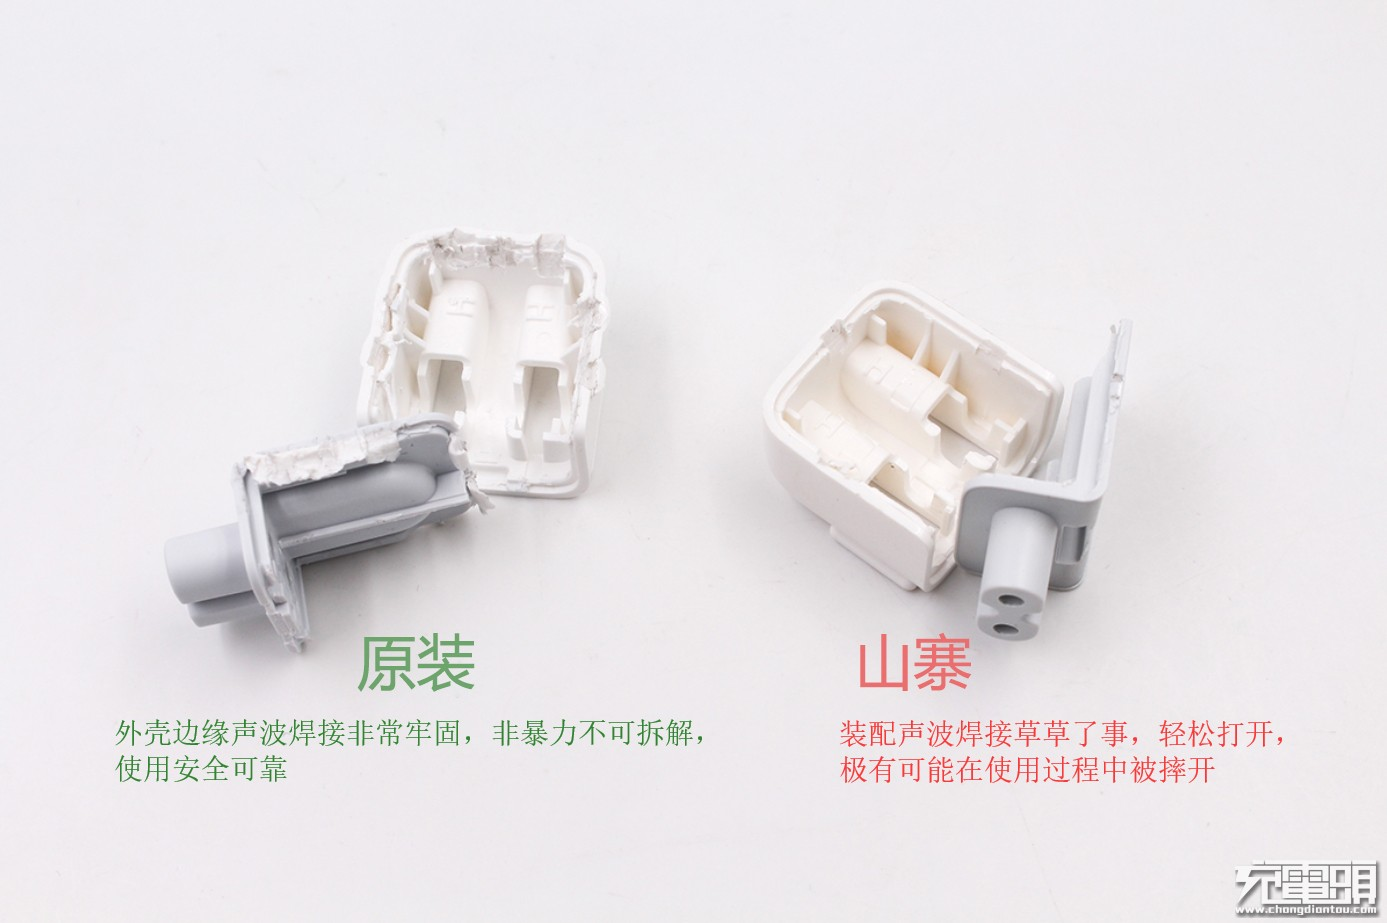 苹果充电器原装转换头与山寨转换头拆解对比